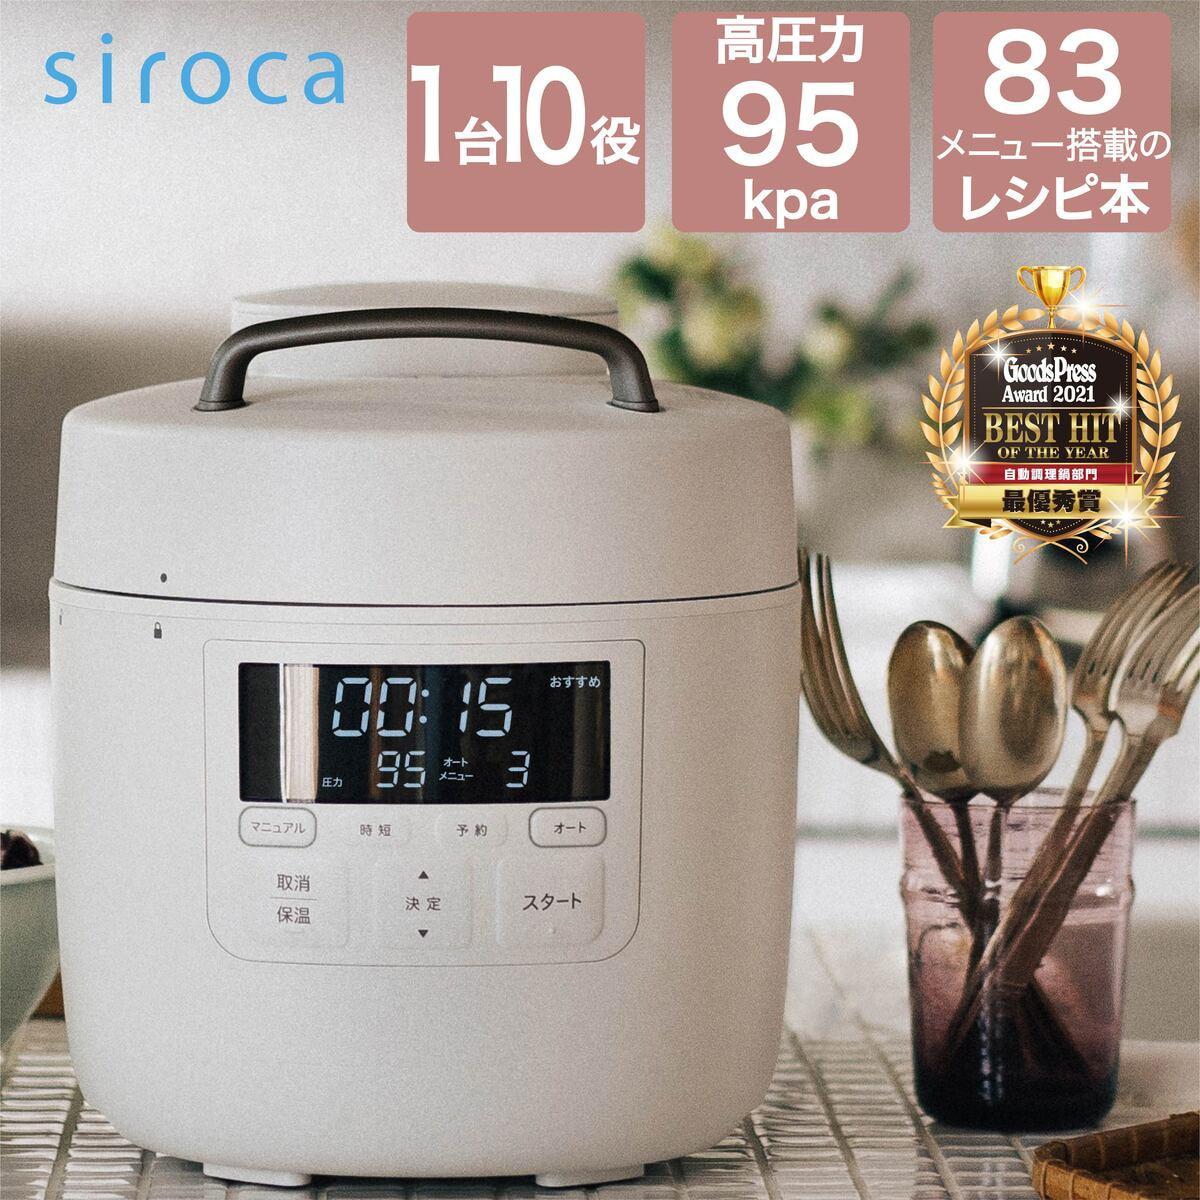 シロカ siroca 電気圧力鍋 おうちシェフ PRO グレー SP-2DP251(H)